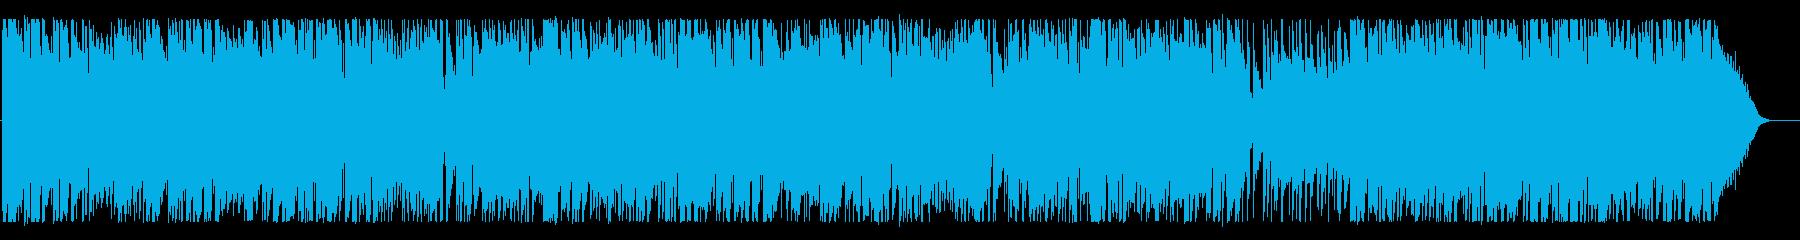 ドラマチックで優しいメロディーのBGMの再生済みの波形